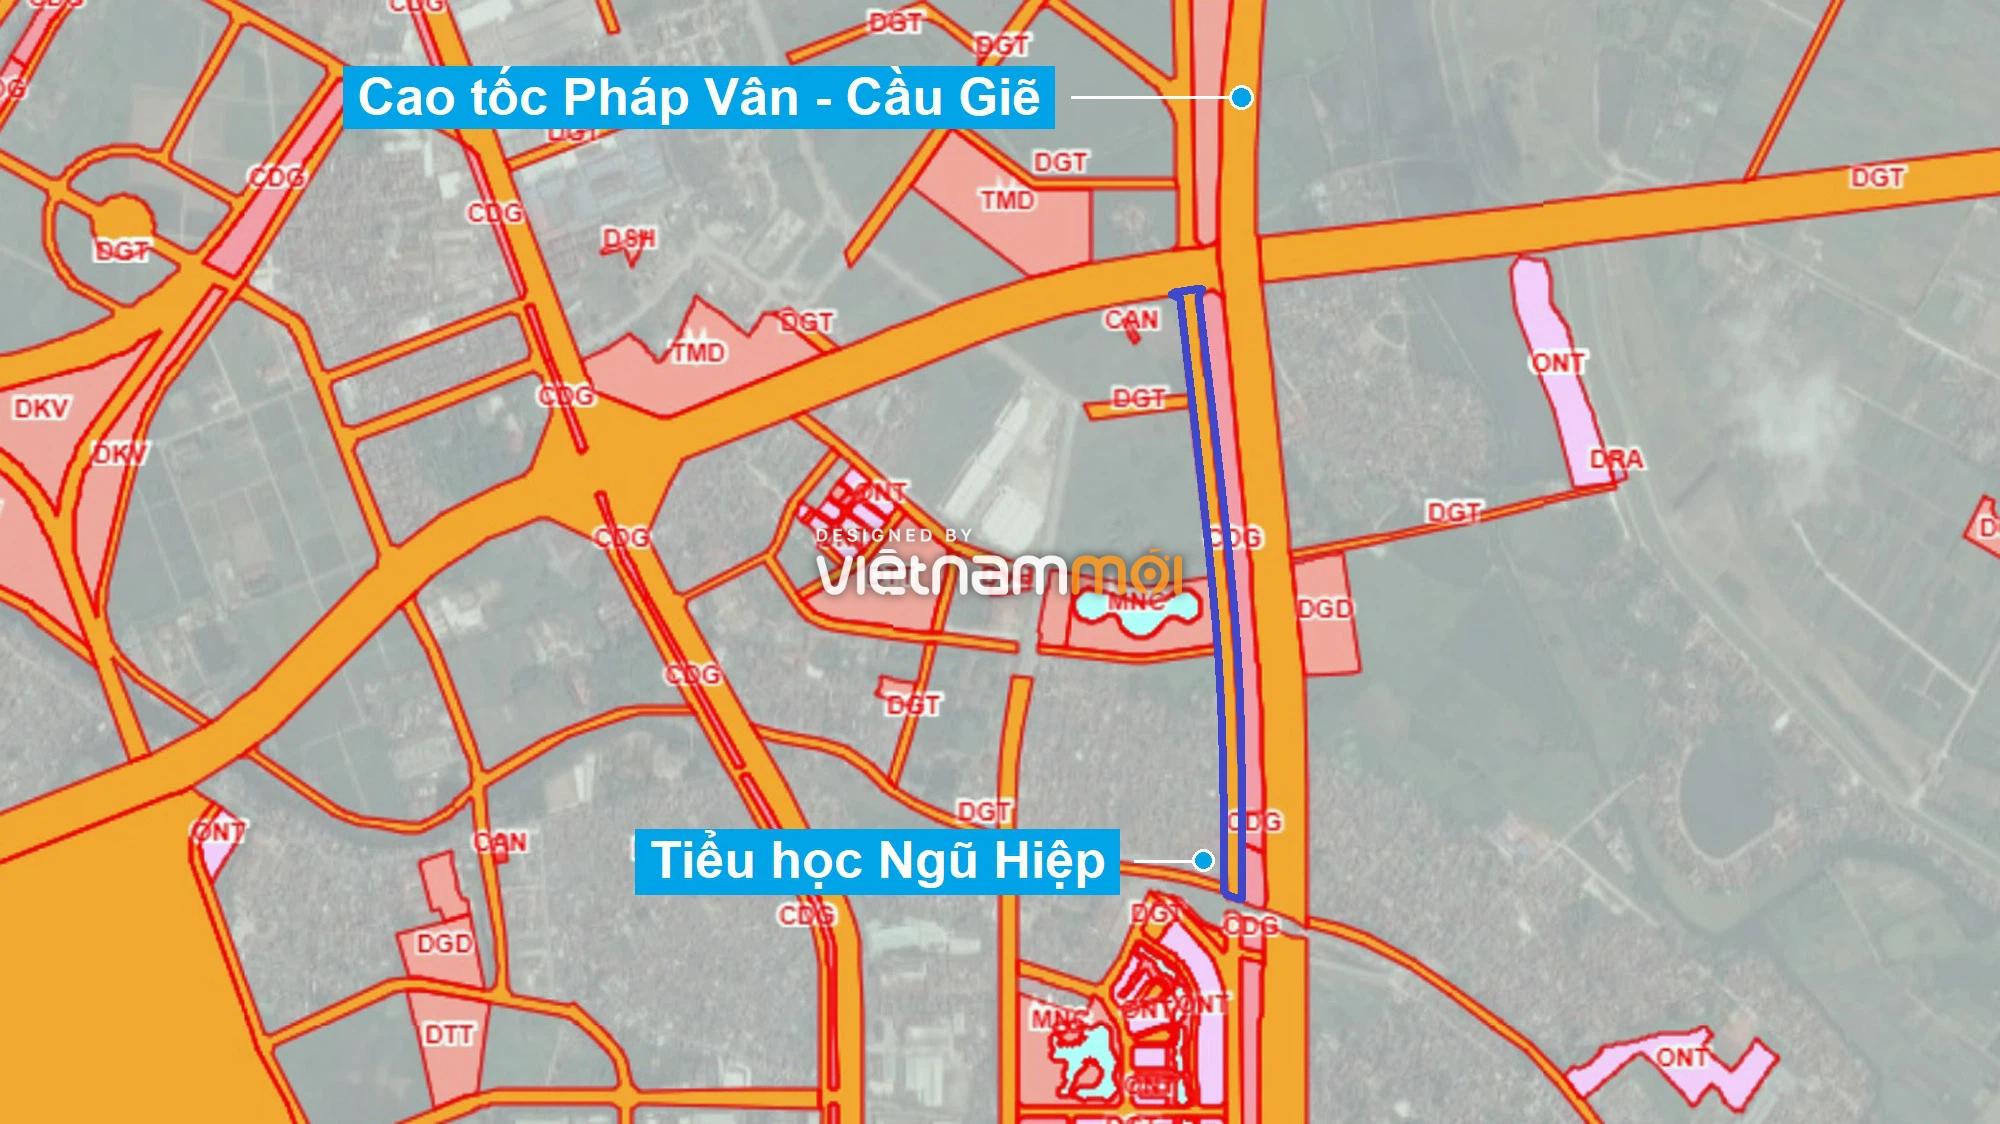 Những khu đất sắp thu hồi để mở đường ở xã Ngũ Hiệp, Thanh Trì, Hà Nội (phần 2) - Ảnh 1.